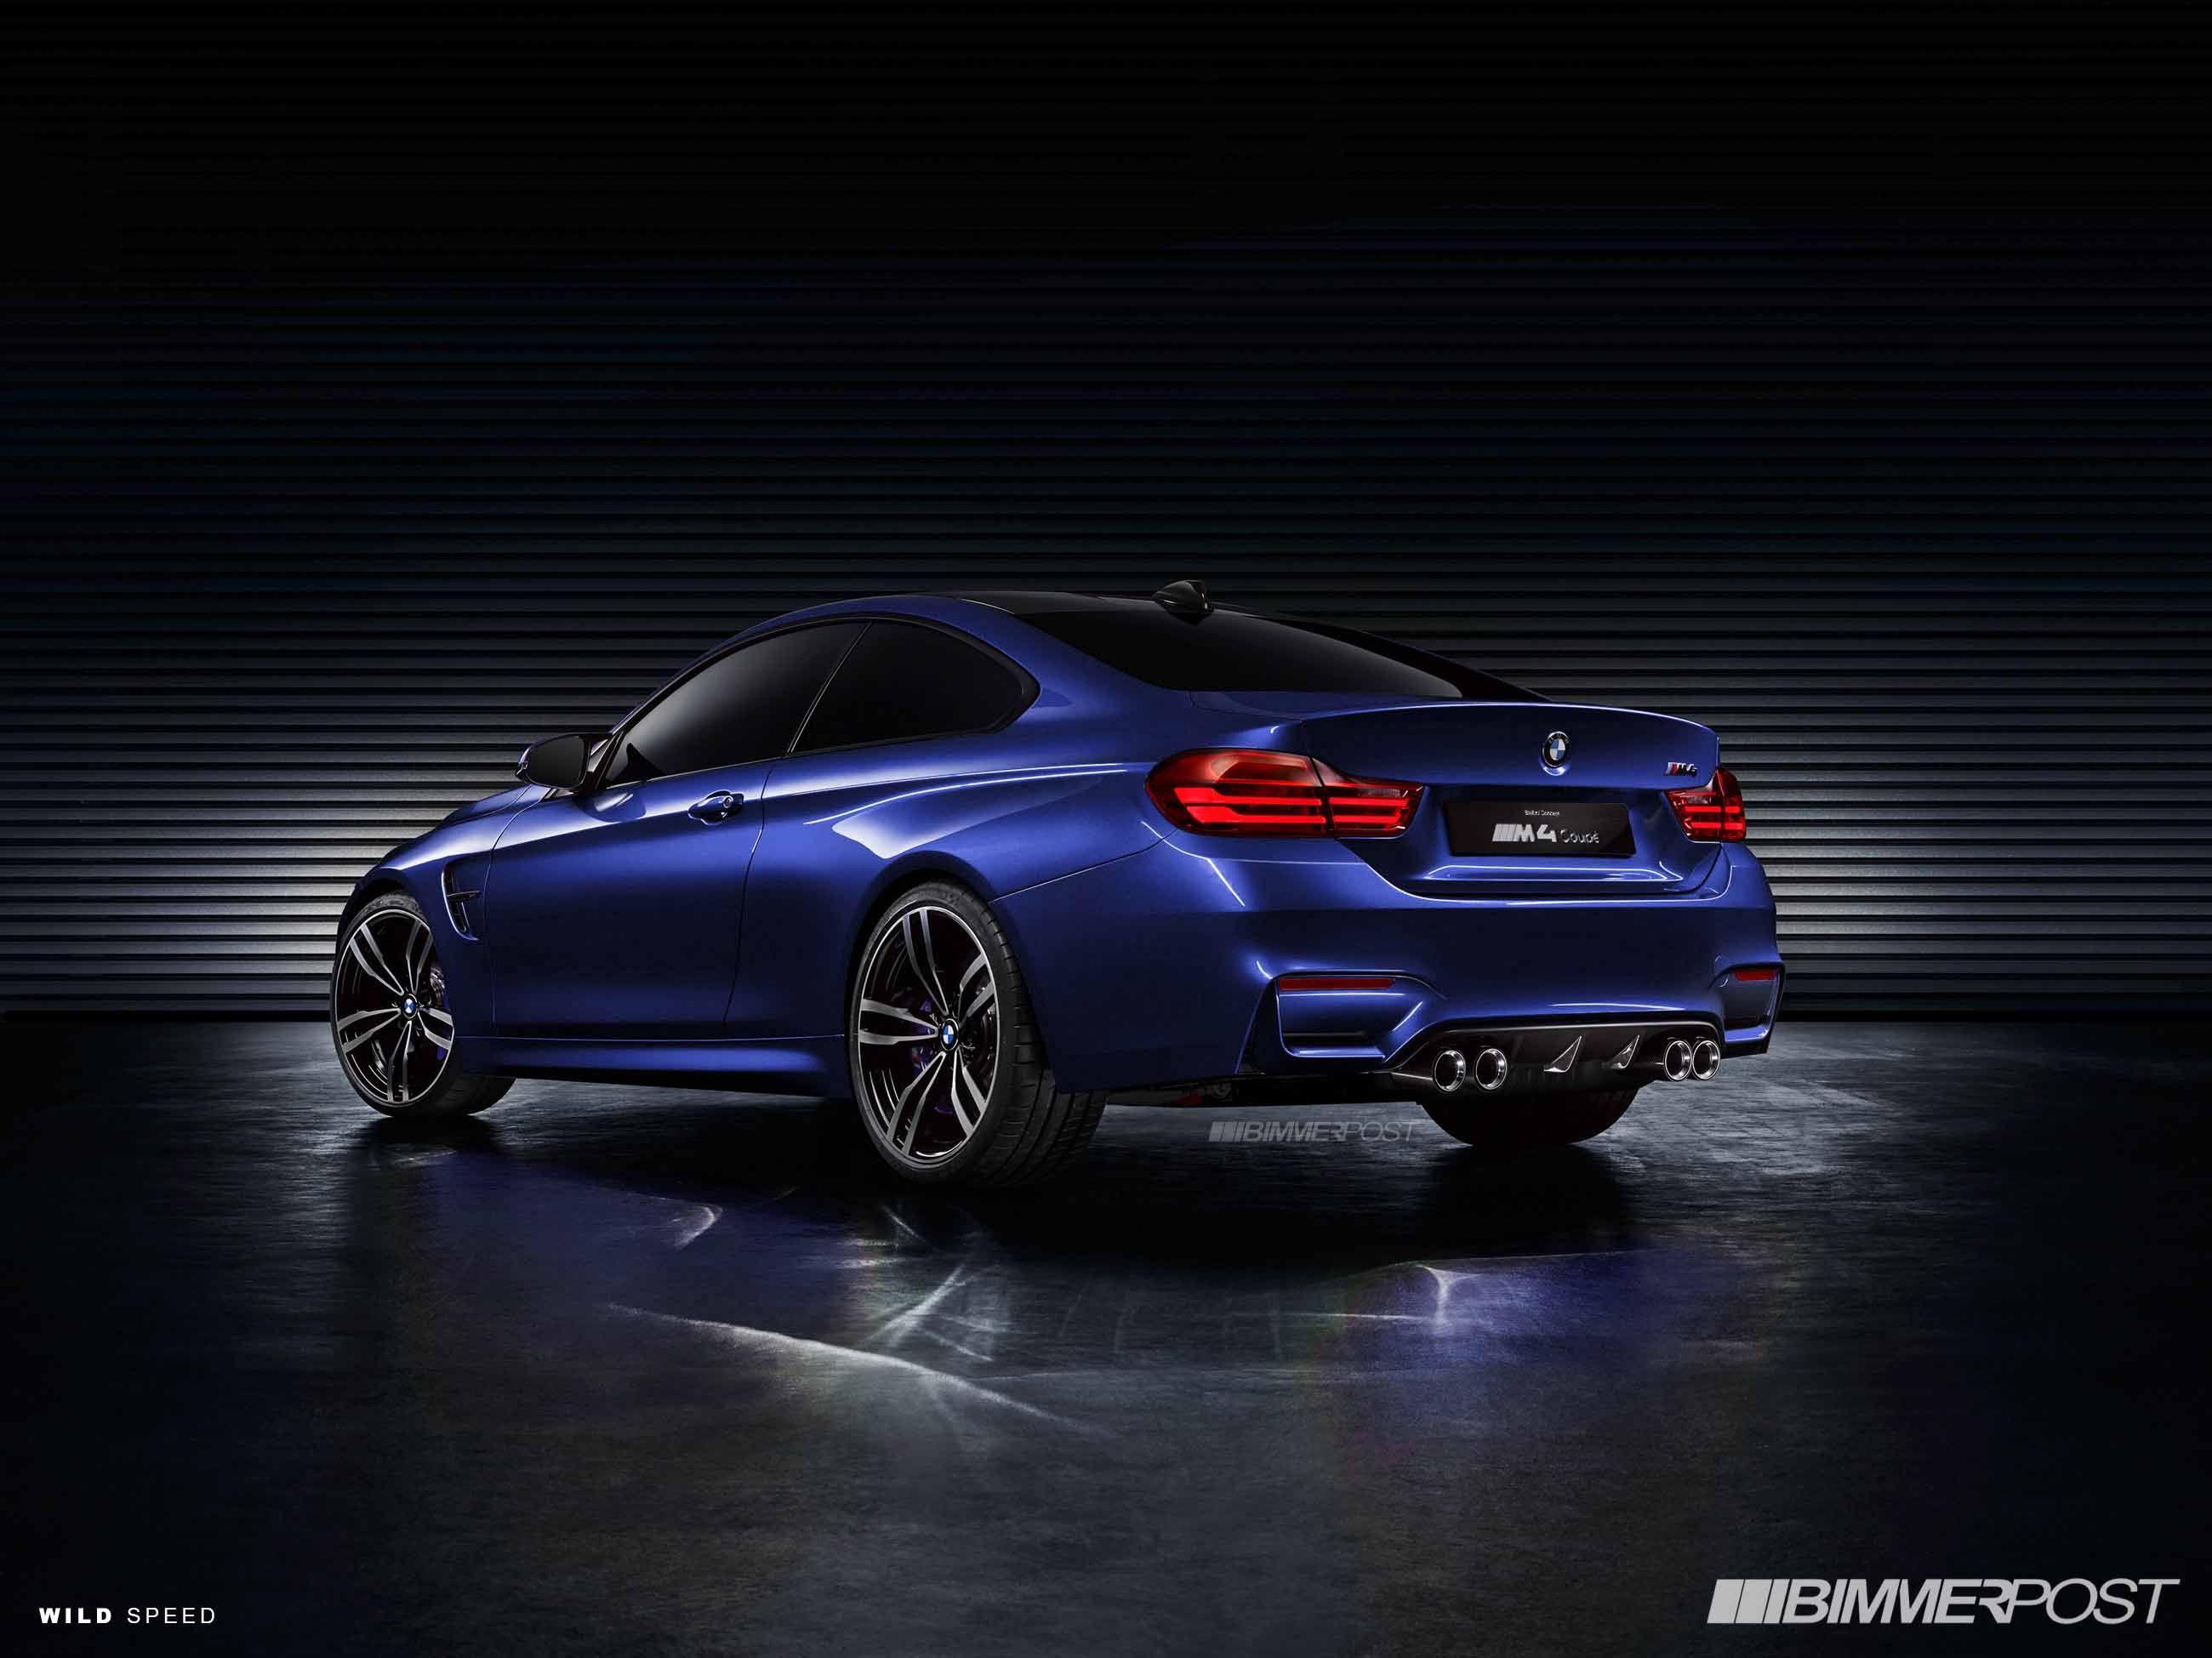 Bmw f32 m4 dark blue